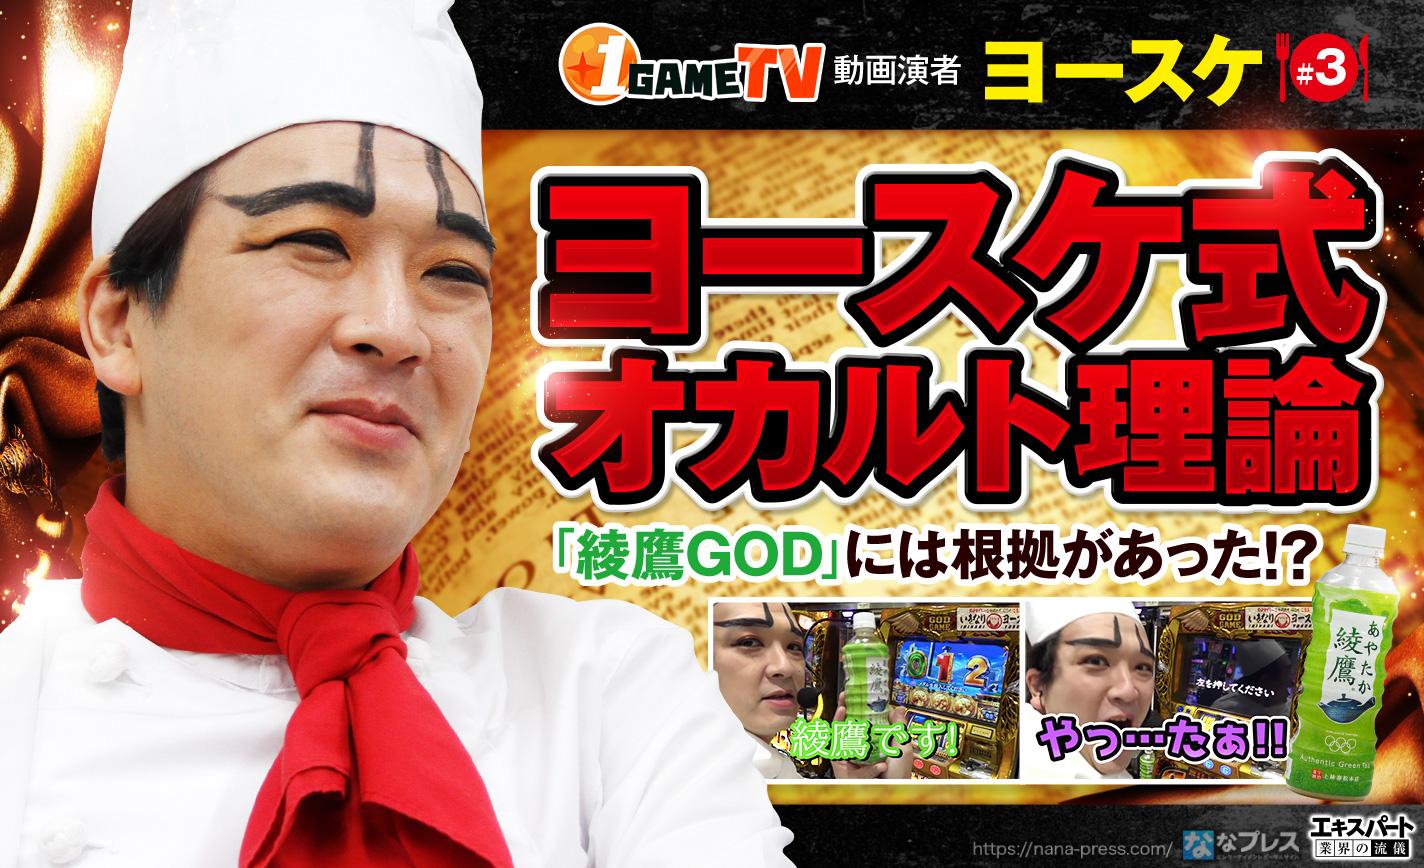 ヨースケ式オカルト理論!伝説の「綾鷹GOD」には根拠があった!? eyecatch-image